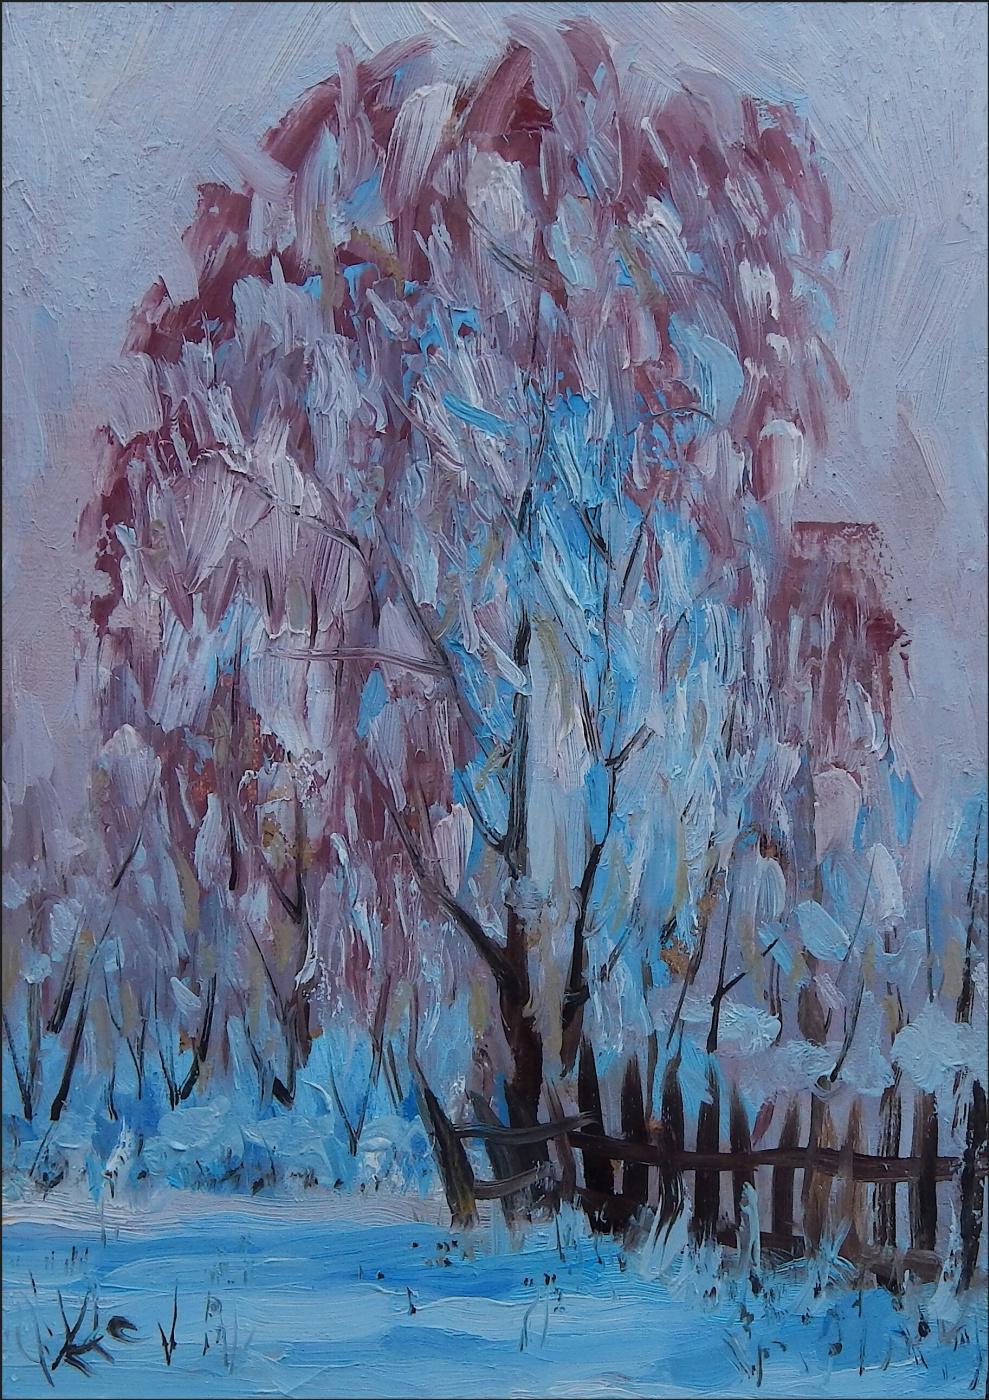 Unknown artist. Winter landscape.